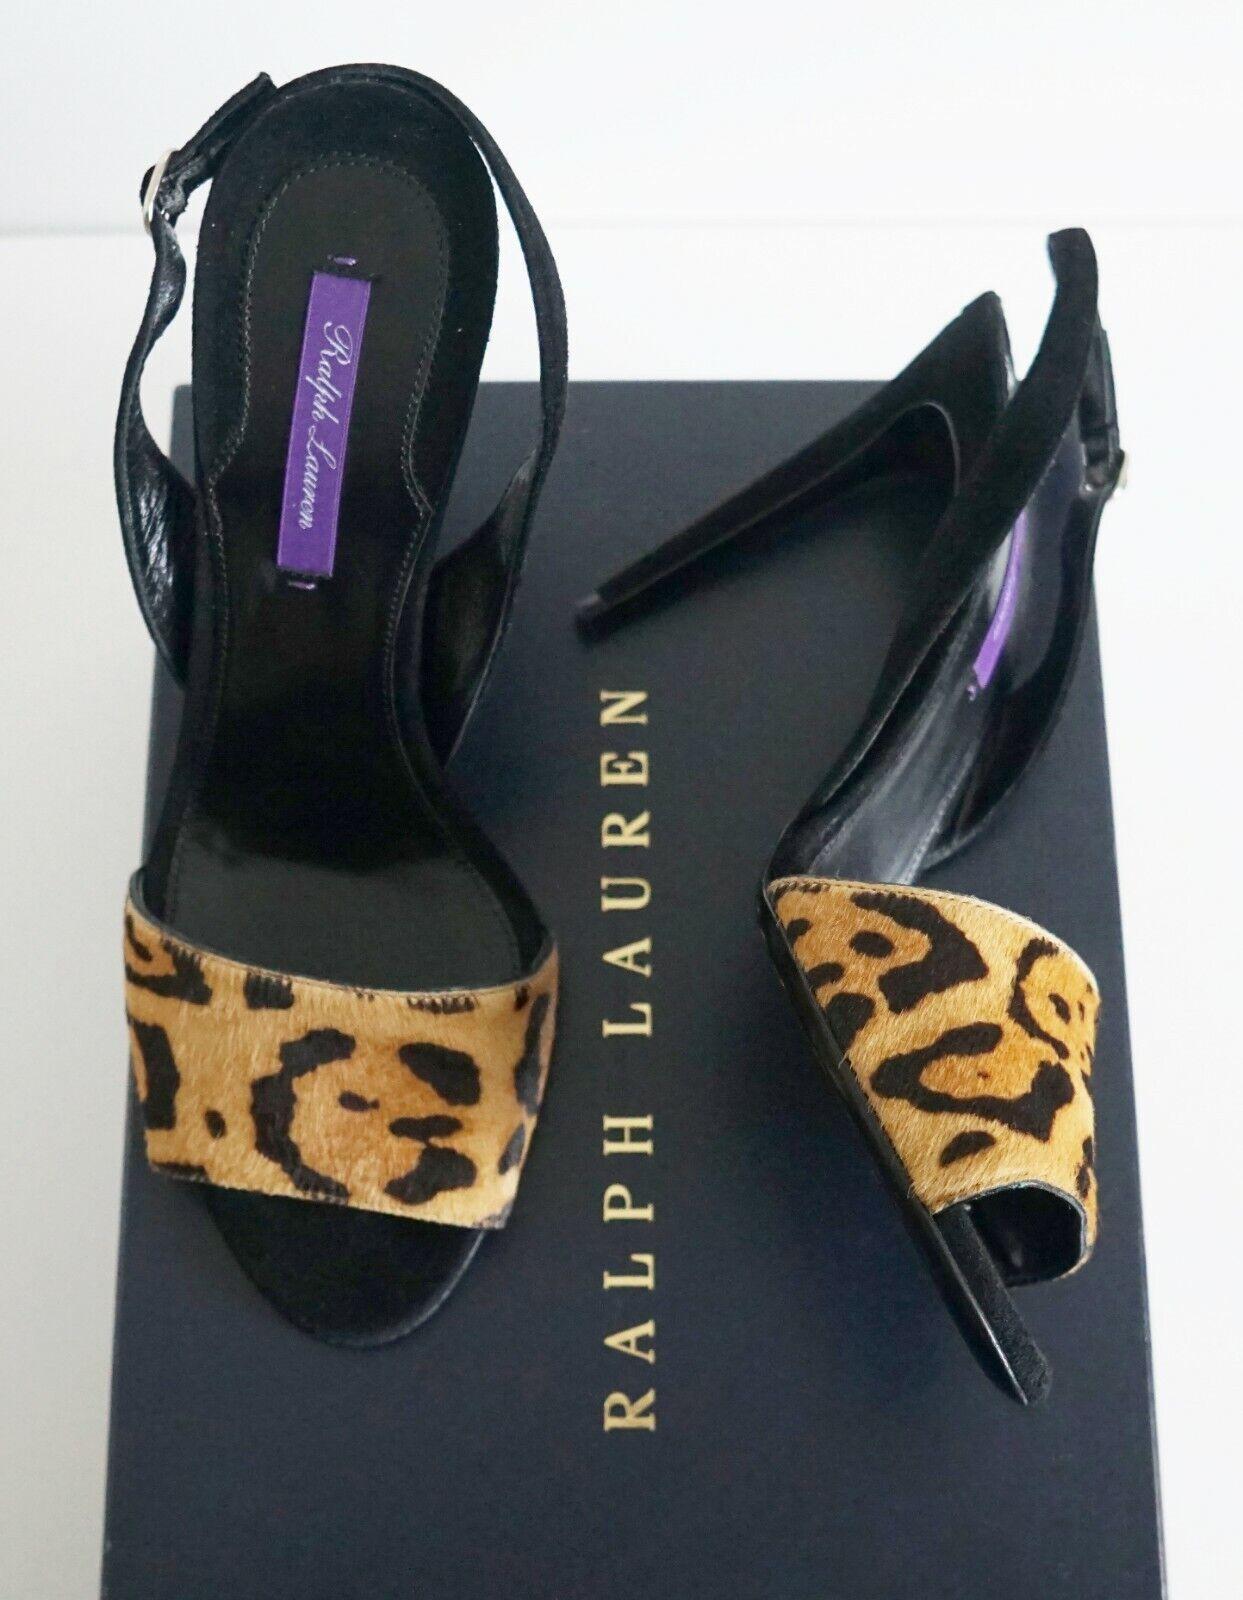 RALPH LAUREN COLLECTION lila Label BLITHE Calf Hair Pumps Sandals EUR-38B US-8